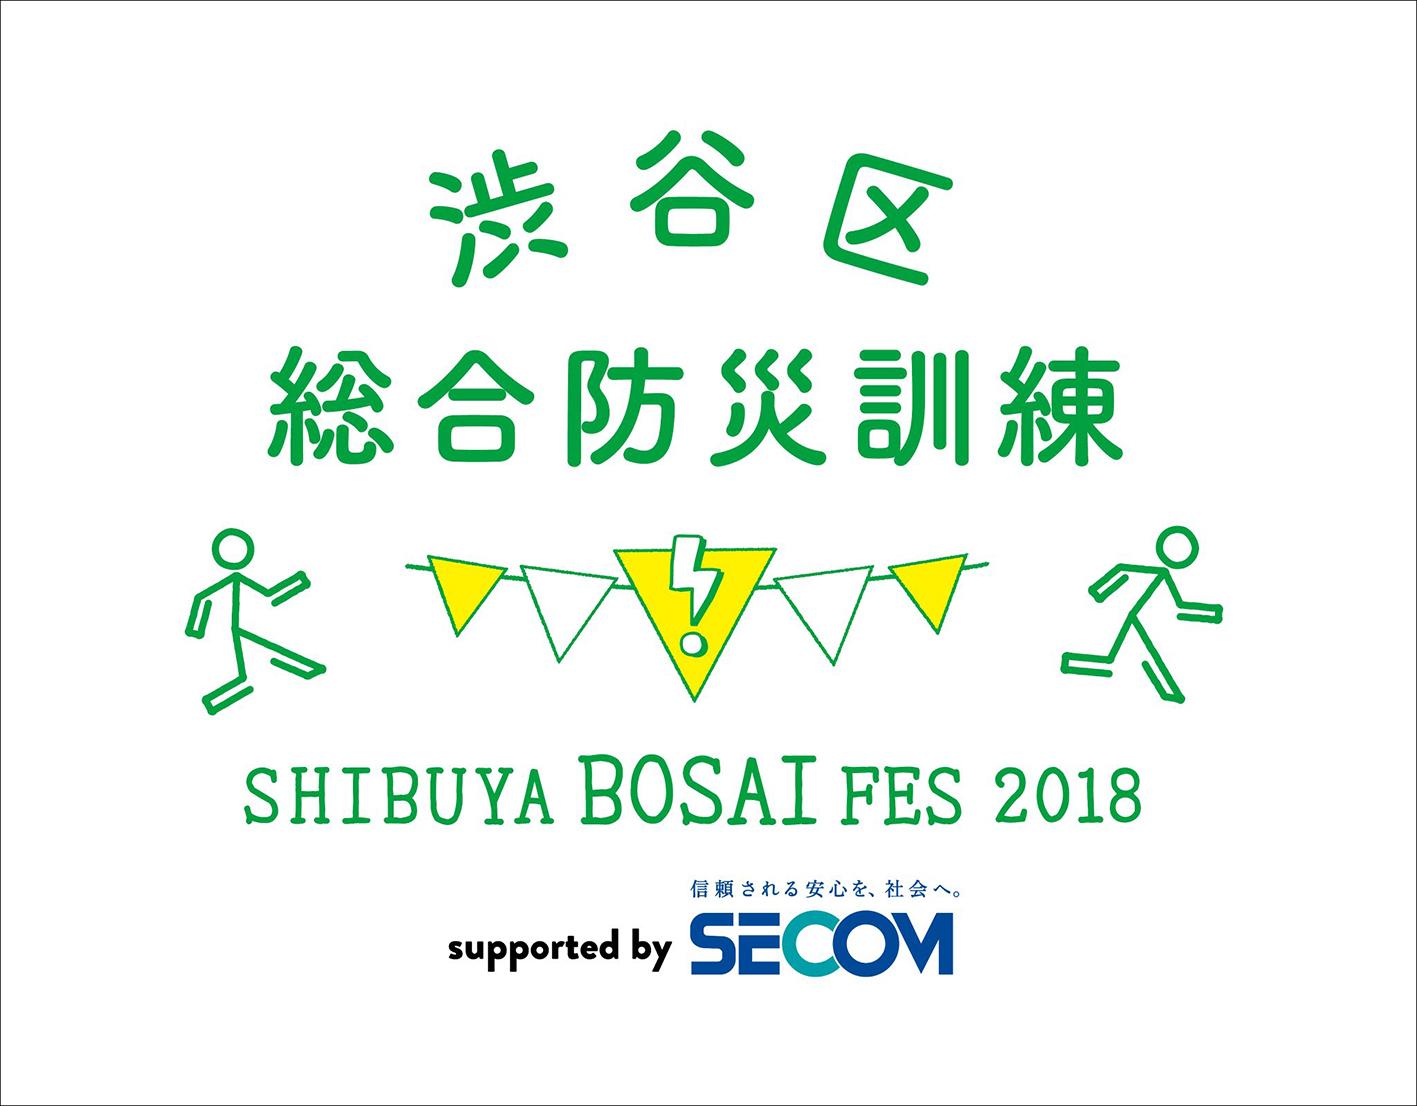 9/1.2 SHIBUYA BOSAI FES 2018に参加いたします!